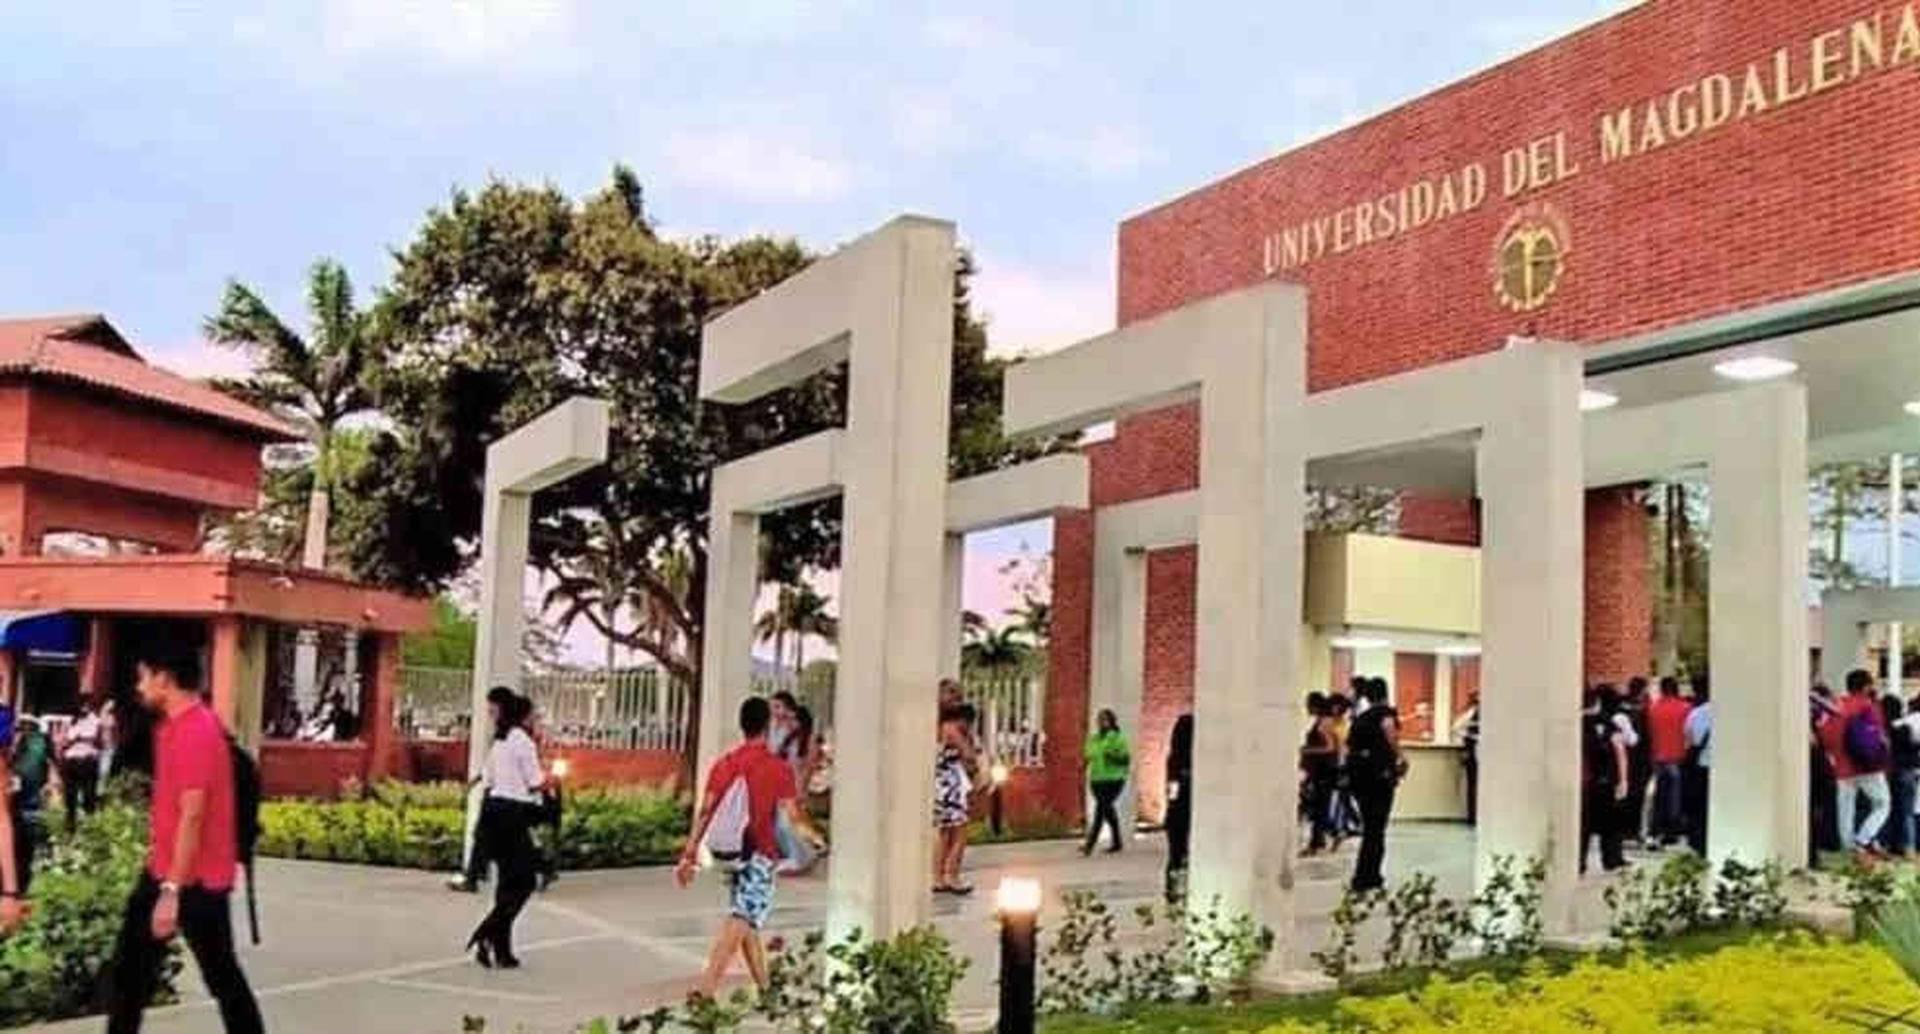 Carlos Caicedo informó que el Consejo Superior de la Universidad del Magdalena no aceptó la propuesta de la Gobernación.